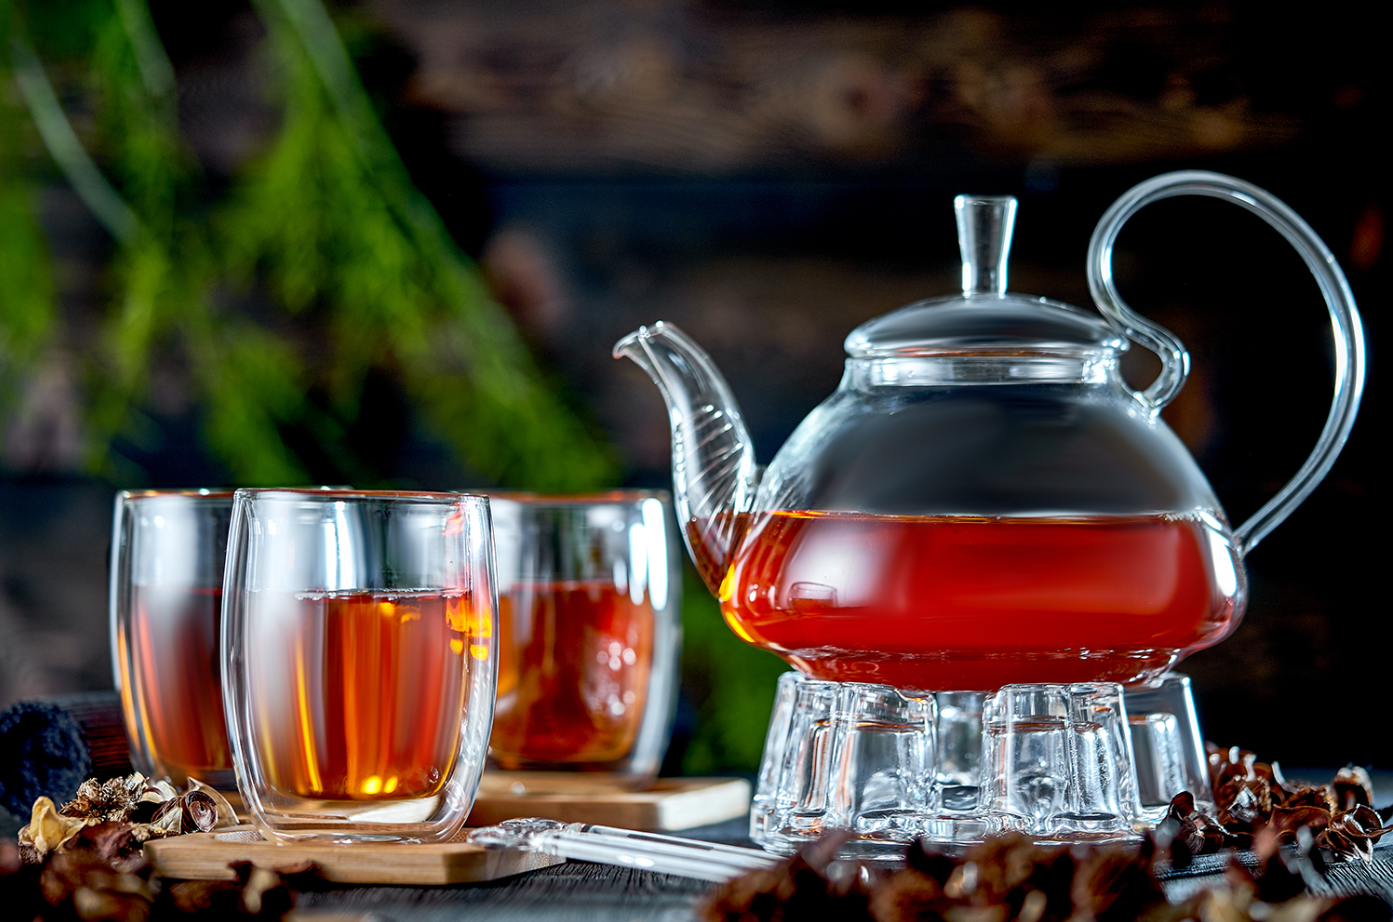 Наборы-Акции Заварочный чайник с подогревом от свечи в наборе с чашками, ложками и подставками из бамбука zavarochniy_chaynik_teastar_n1.PNG